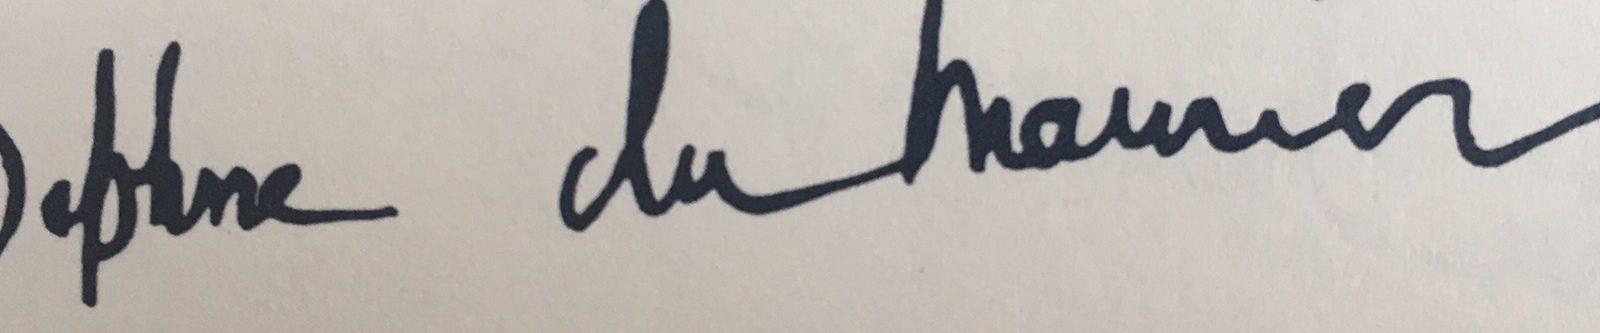 Daphne du Maurier's signature